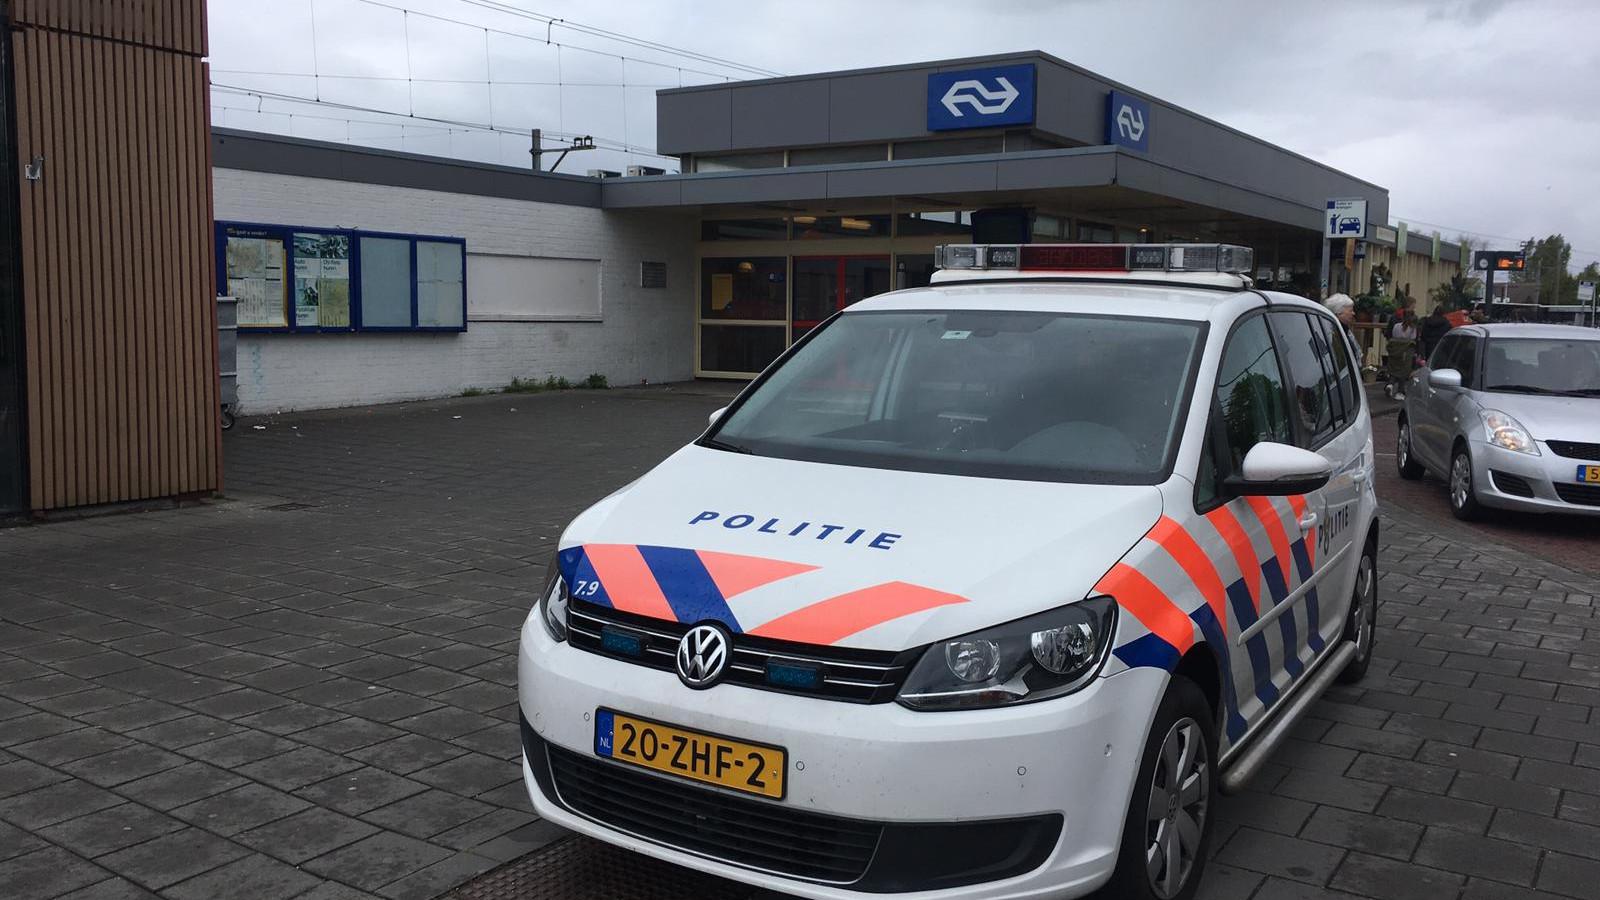 NH Nieuws / Rogier Dankerlui